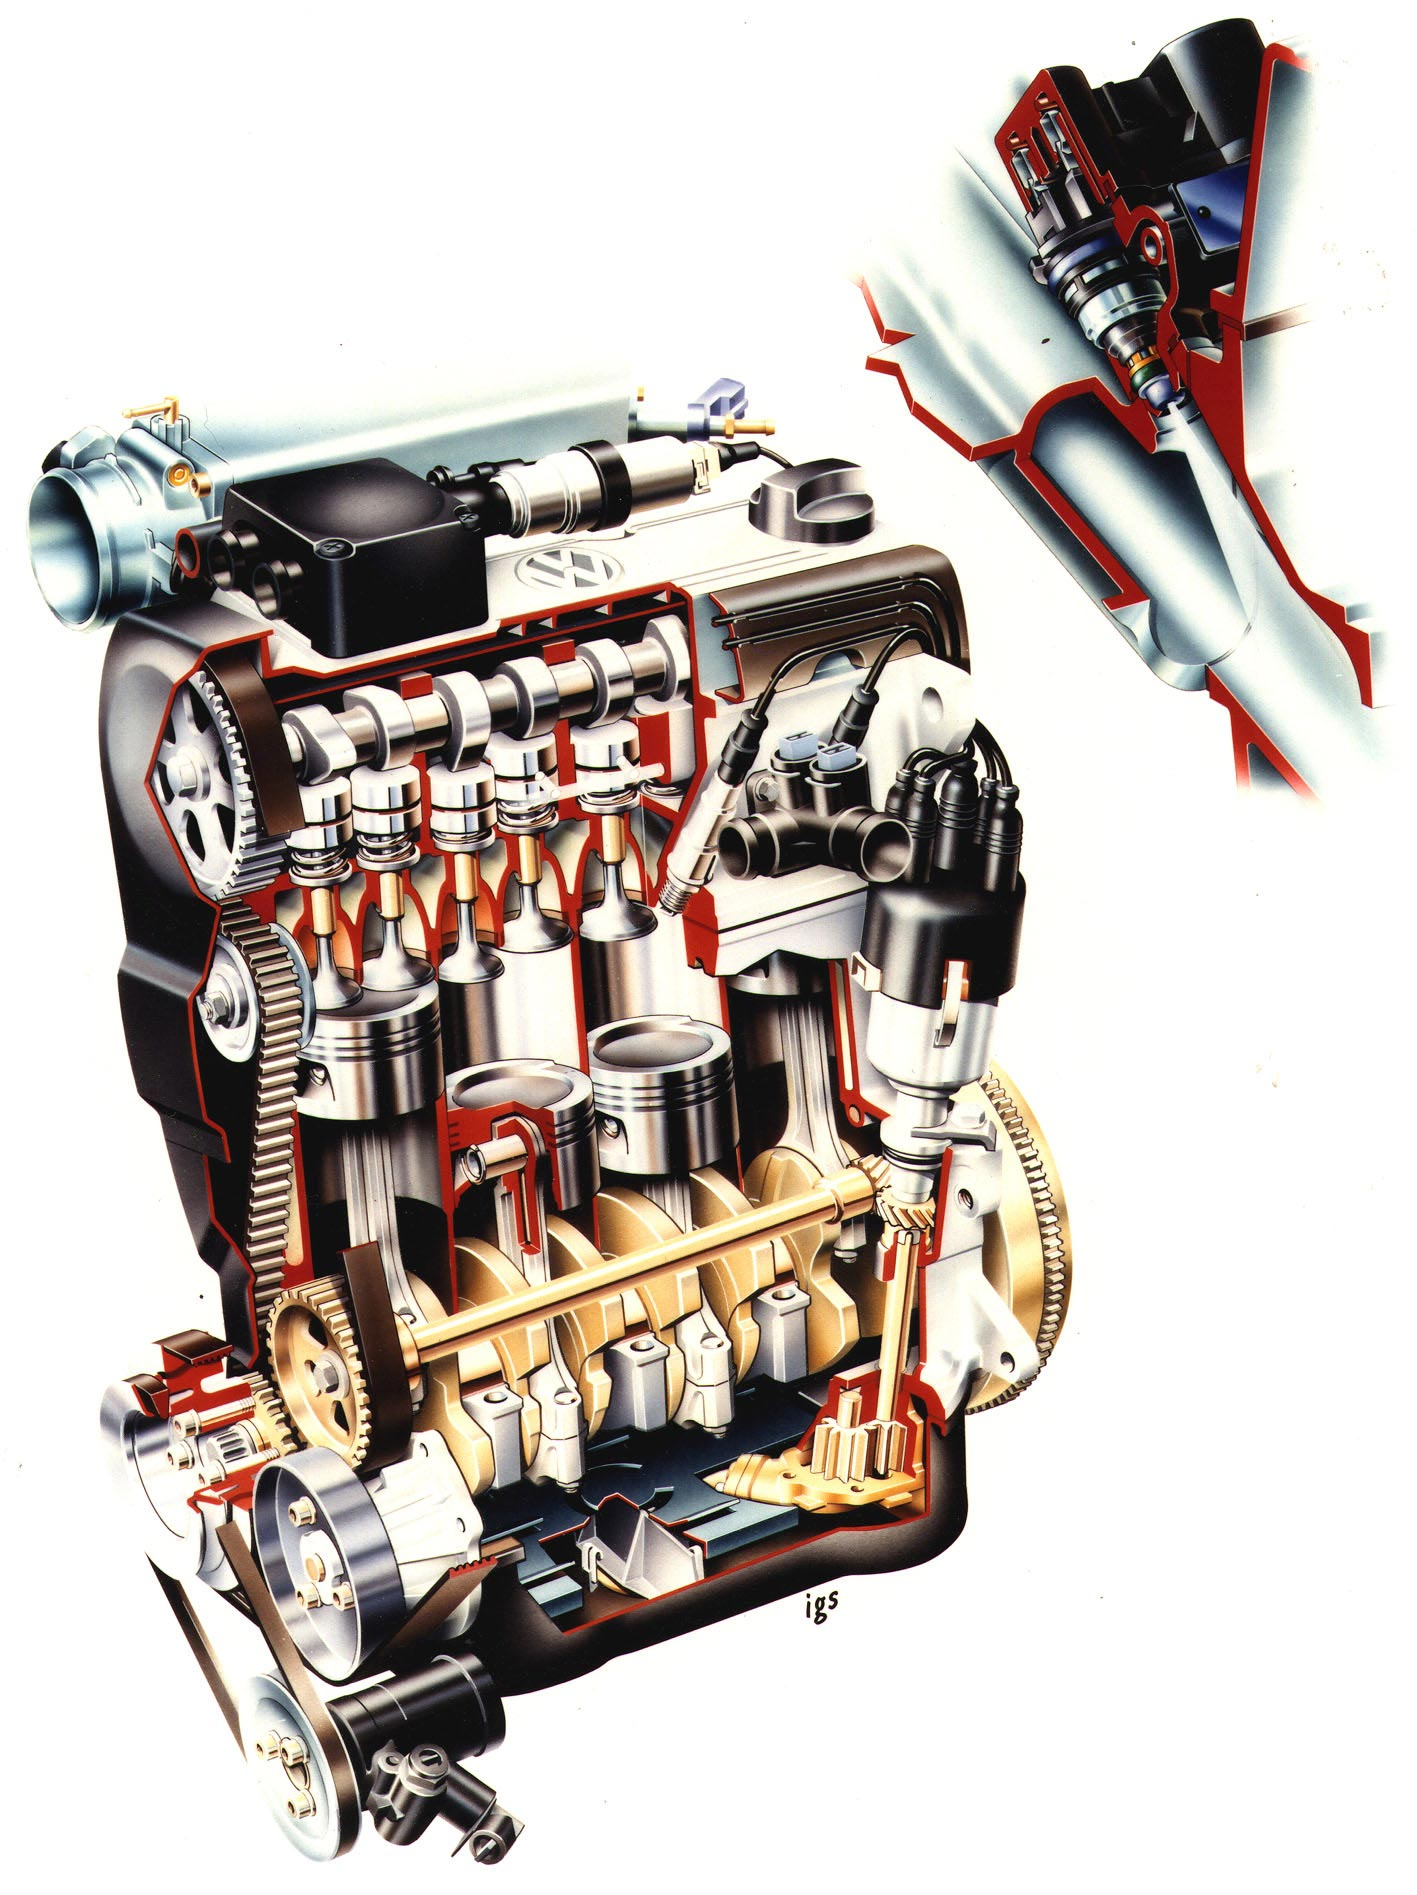 8v engine cutaway